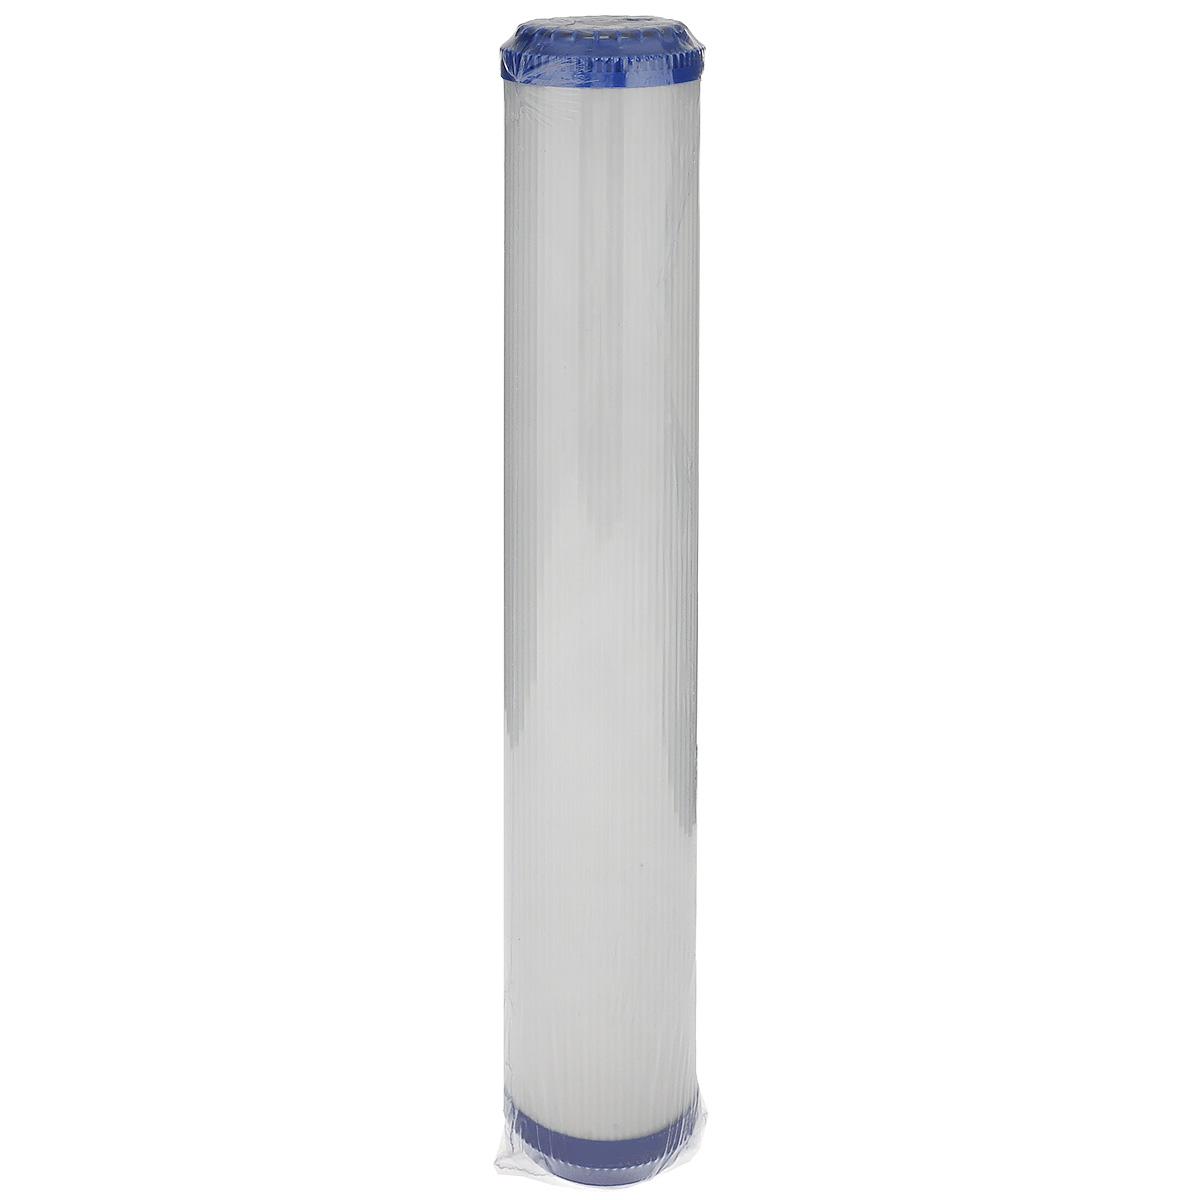 Картридж для обезжелезивания Гейзер БА-20SLBL505Картридж Гейзер БА 20SL.Используется для эффективного удаления избыточного растворенного железа (до 1 мг/л) и соединений других металлов методом каталитического окисления.Фильтрующая загрузка – природный материал Кальцит.Подходит для корпусов стандарта 20SL (Slim Line) любых производителей.Ресурс до 4000 л. (при содержании растворенного железа 1 мг/л).